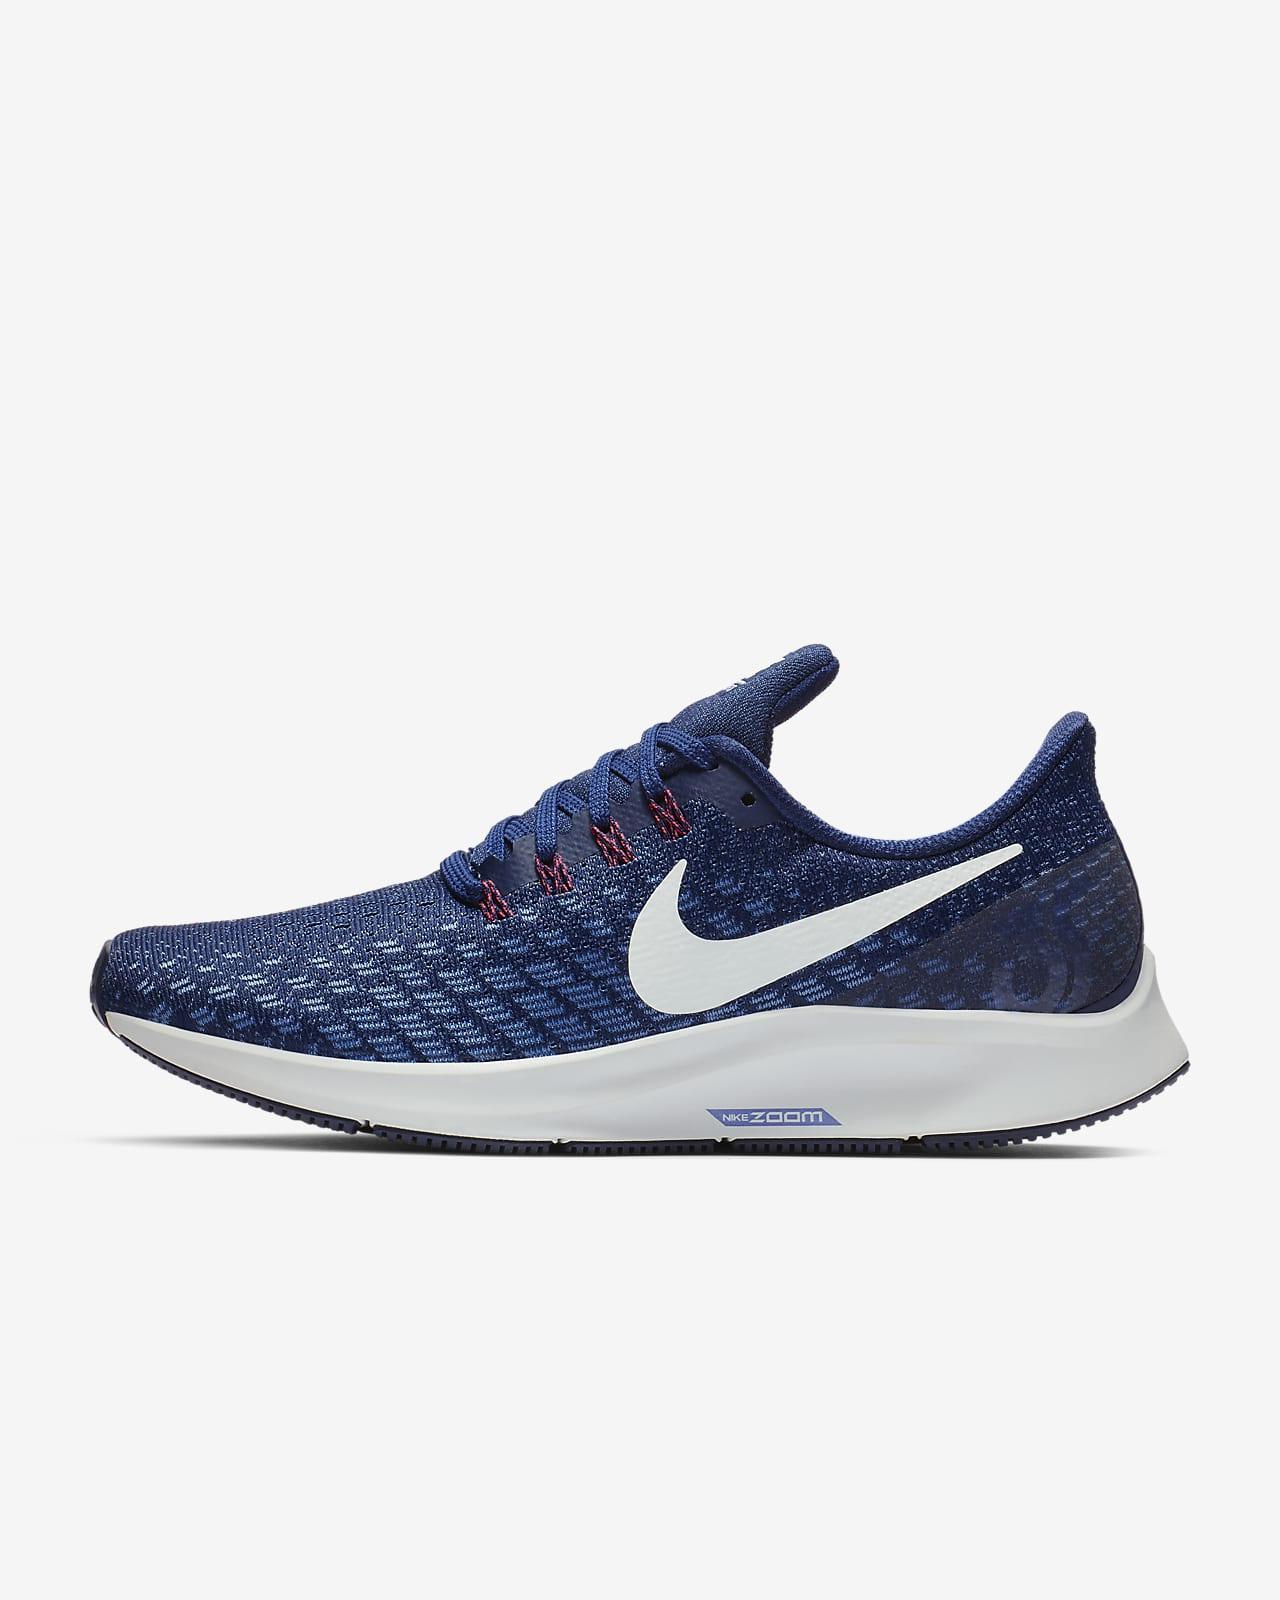 grueso Pisoteando enfermedad  Nike Air Zoom Pegasus 35 Women's Running Shoe. Nike ID